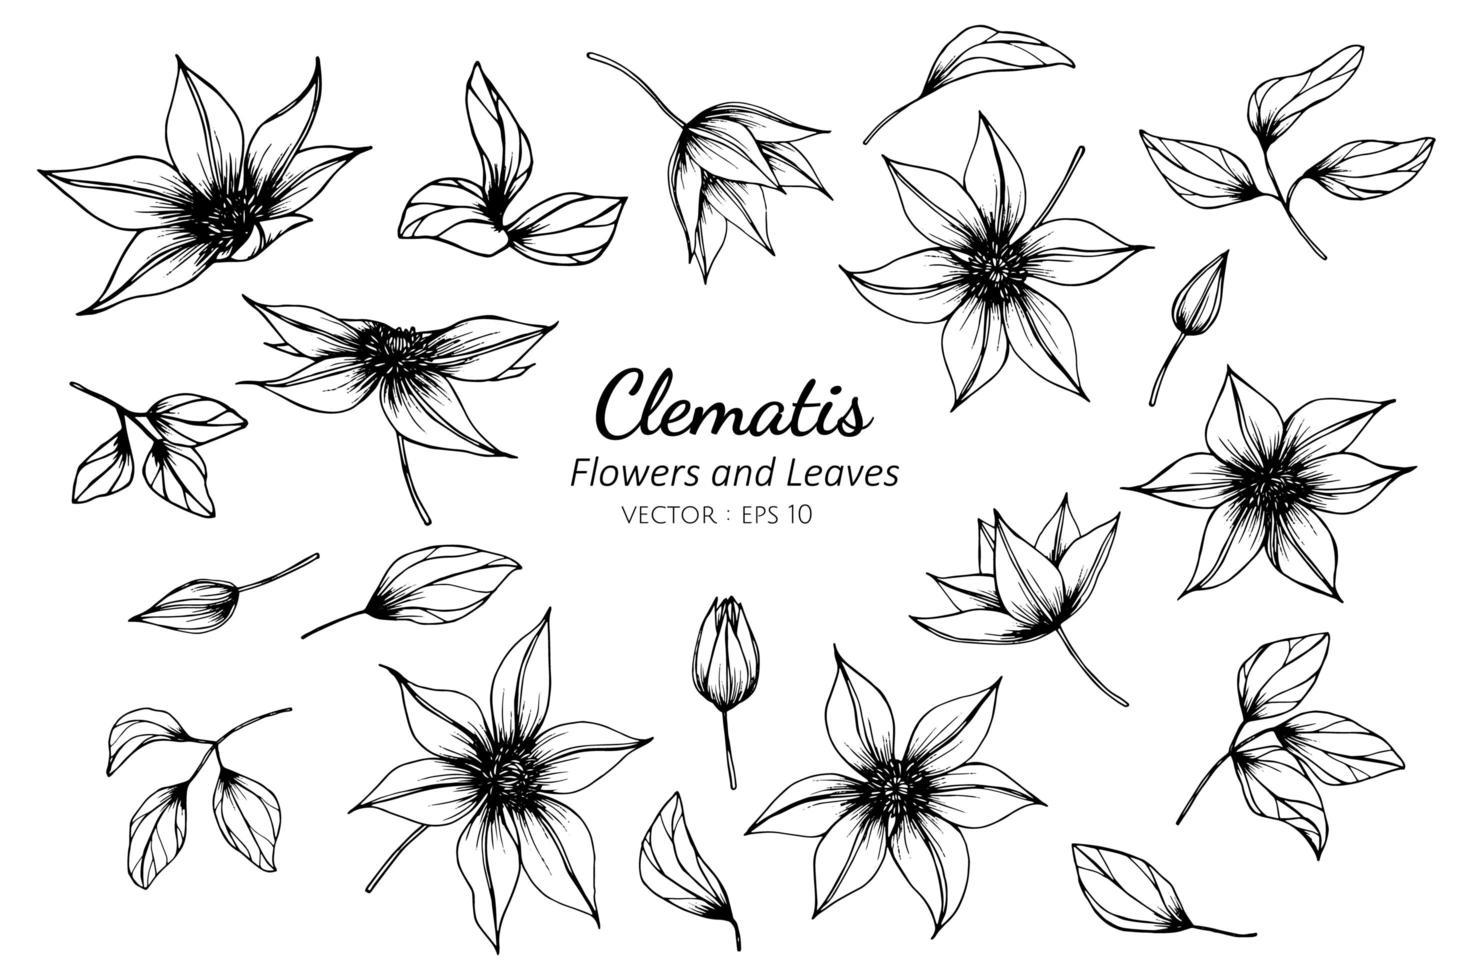 verzameling clematissen bloem en bladeren vector